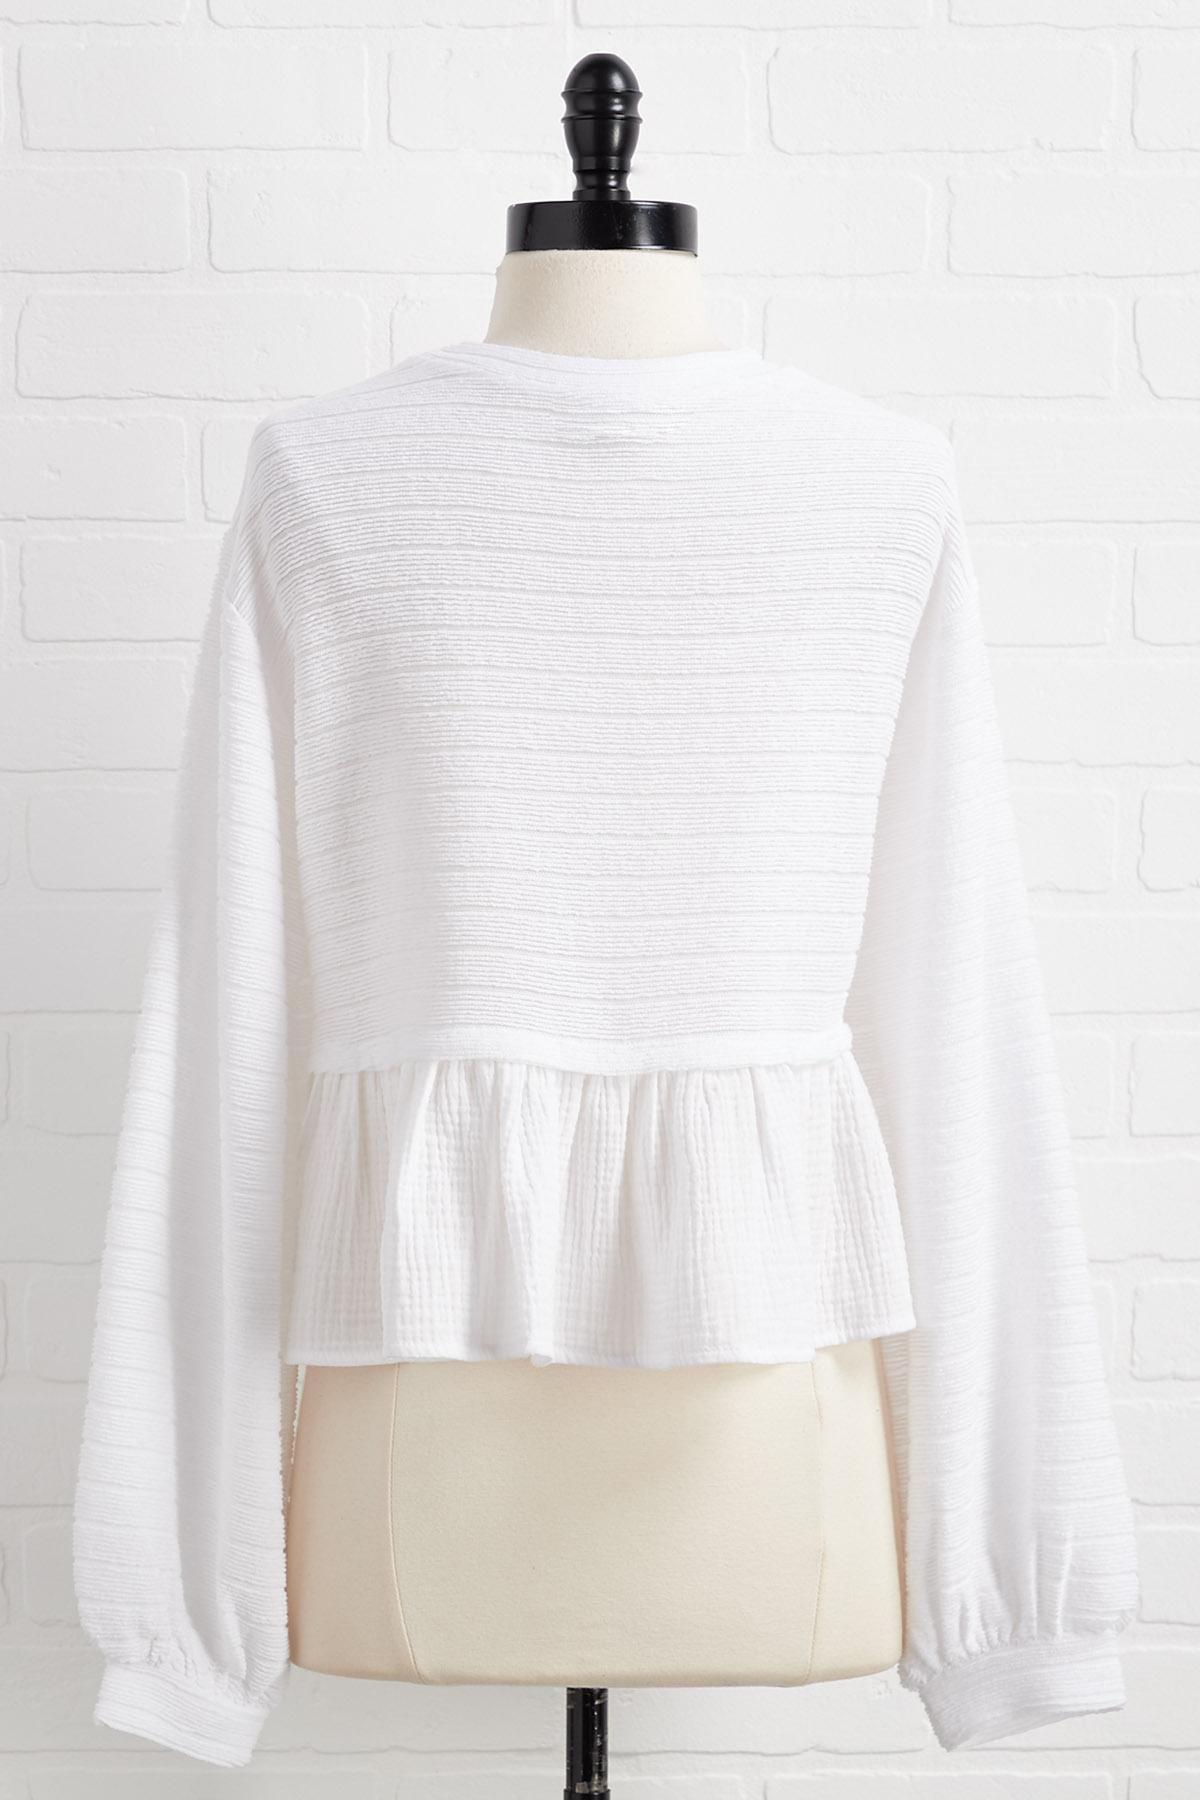 Winter White Top